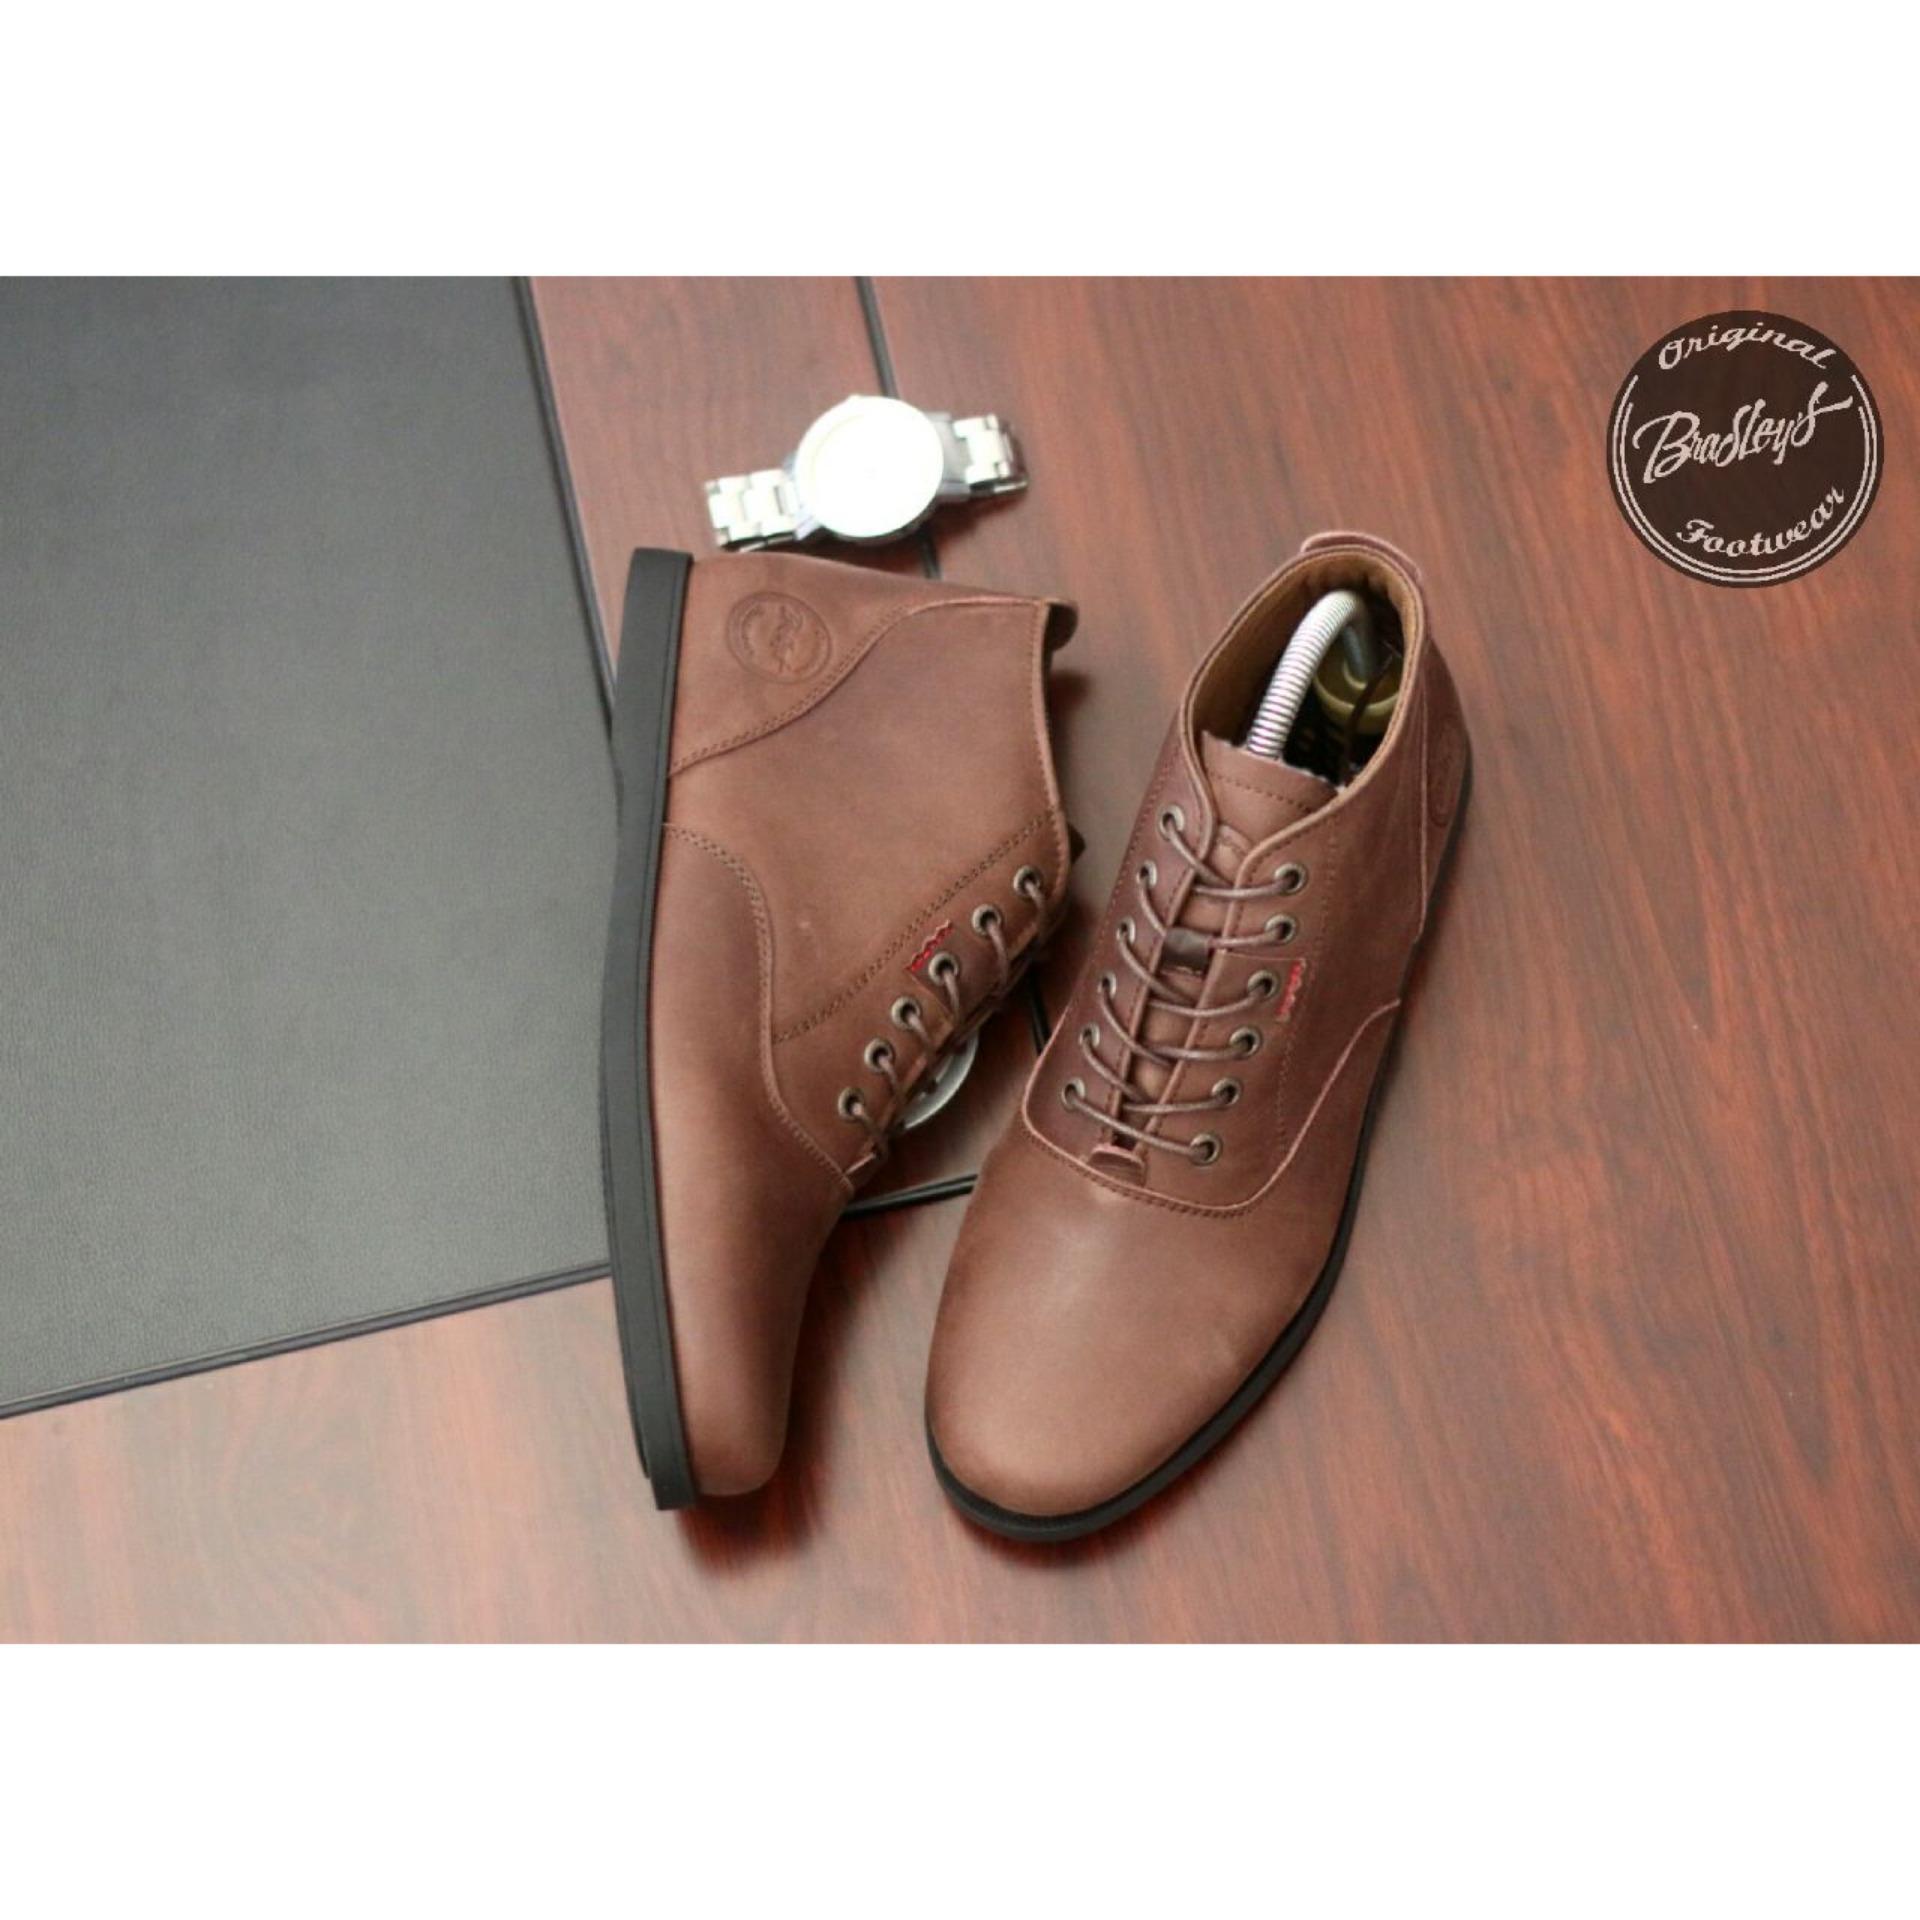 Jual Sepatu Boots High Original Kulit Asli Pria Bradleys Erol Hitam Boot Bradley Casual Footwear Brown Kets Sekolah